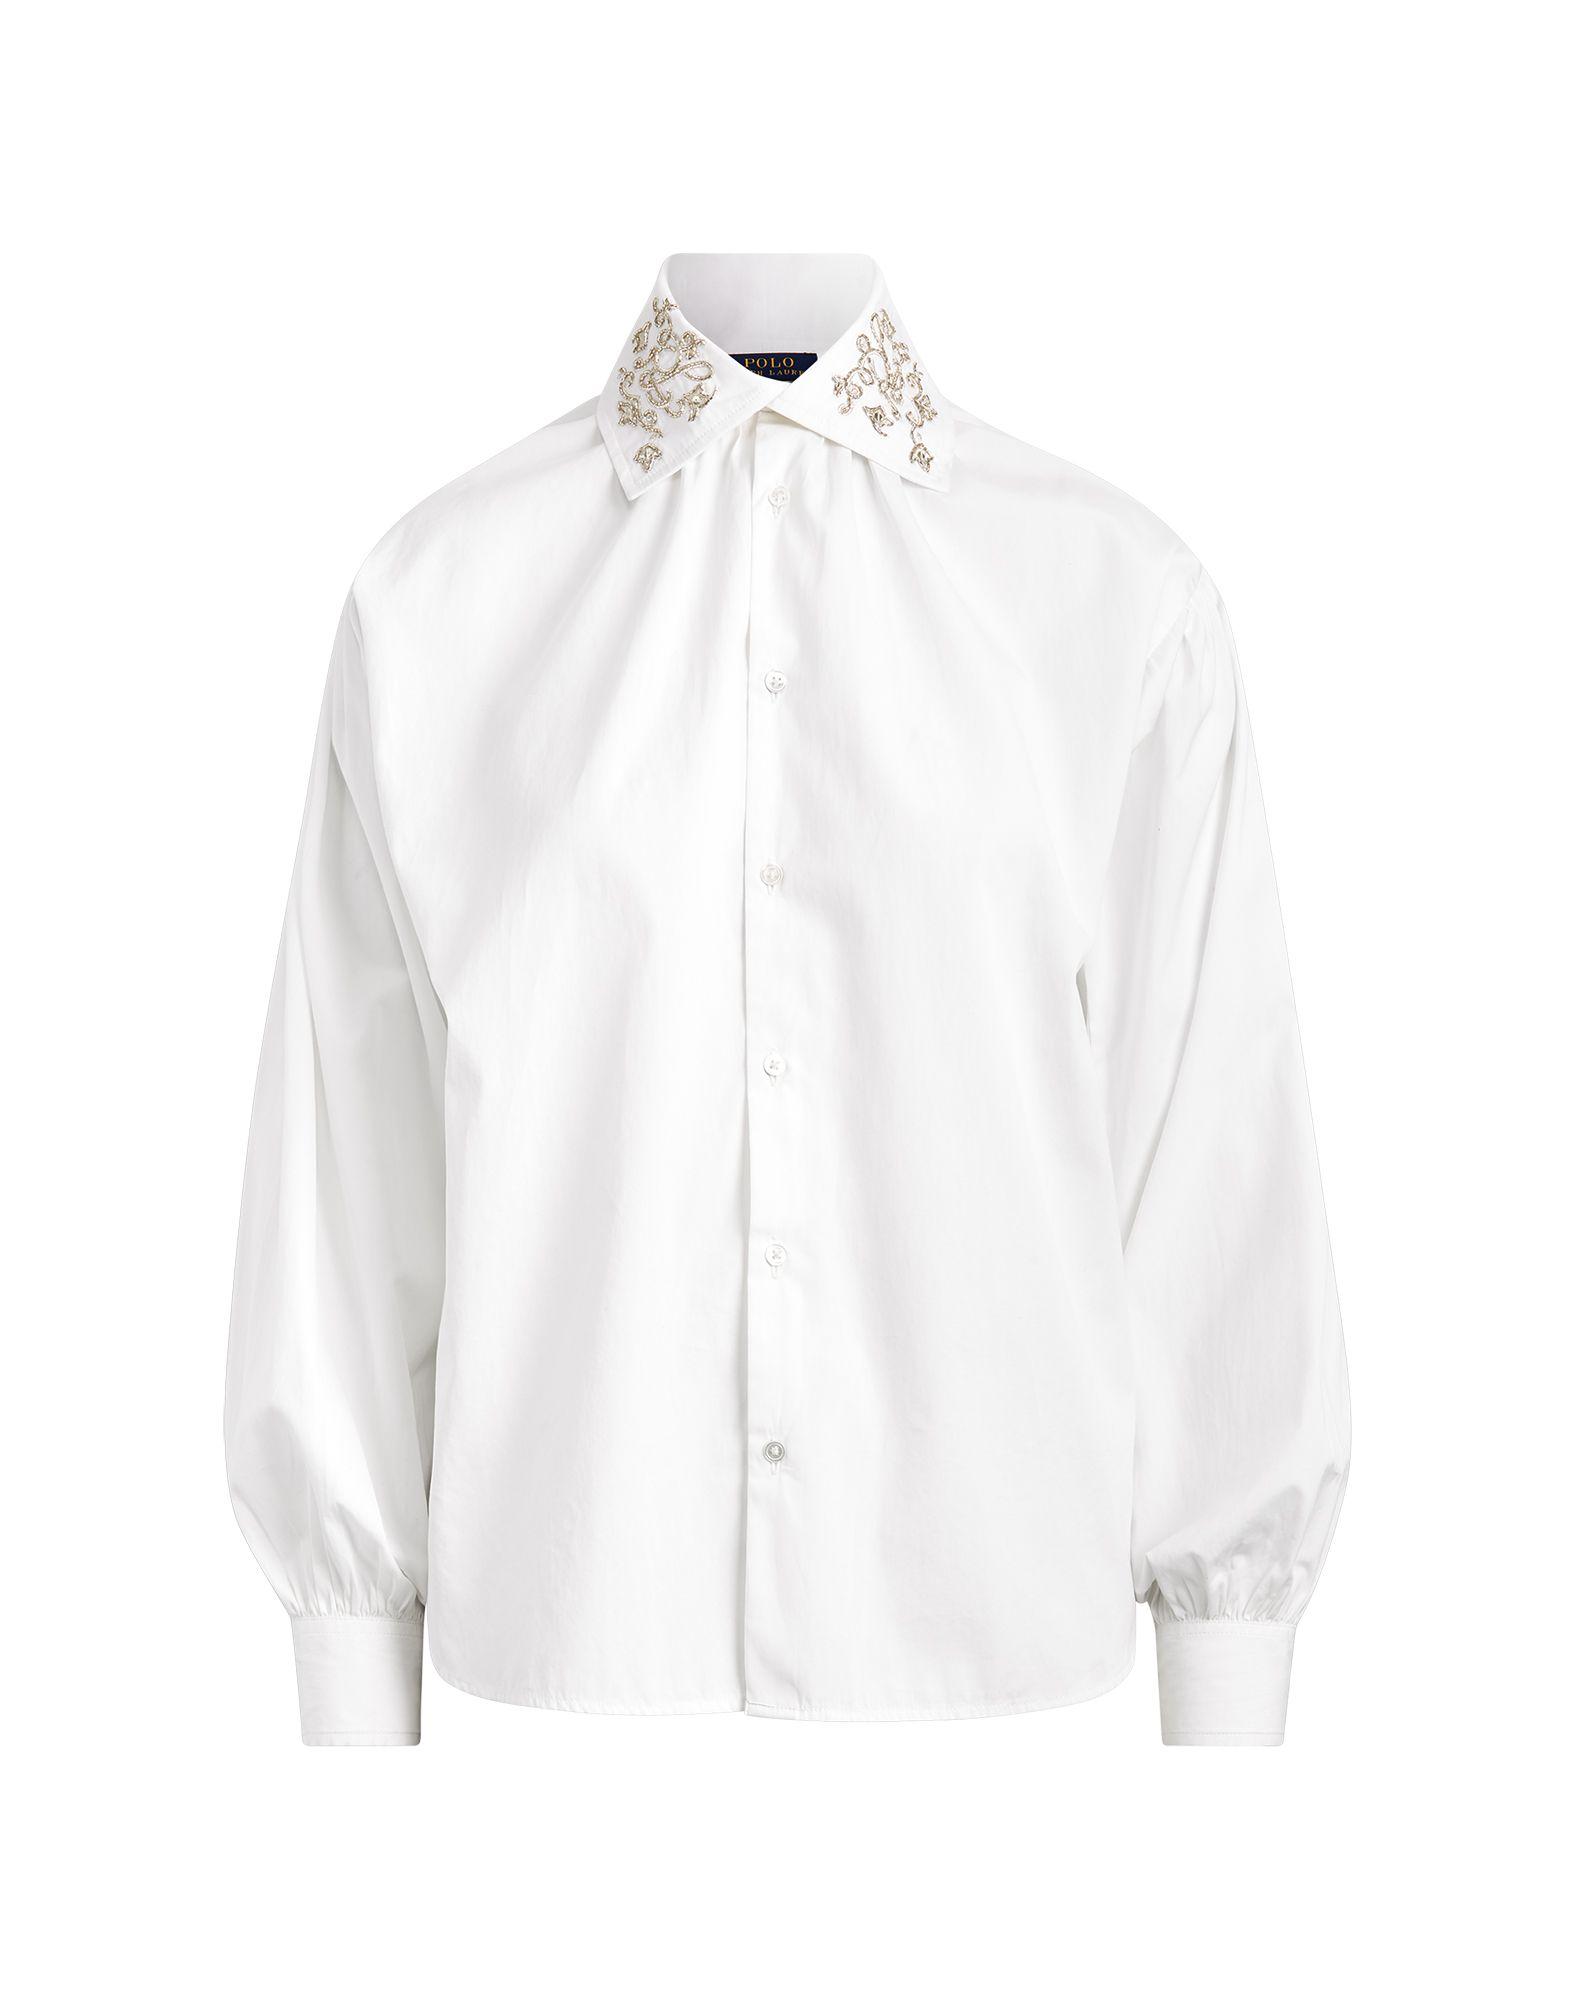 《セール開催中》POLO RALPH LAUREN レディース シャツ ホワイト 2 コットン 100% COTTON BROADCLOTH SHIRT